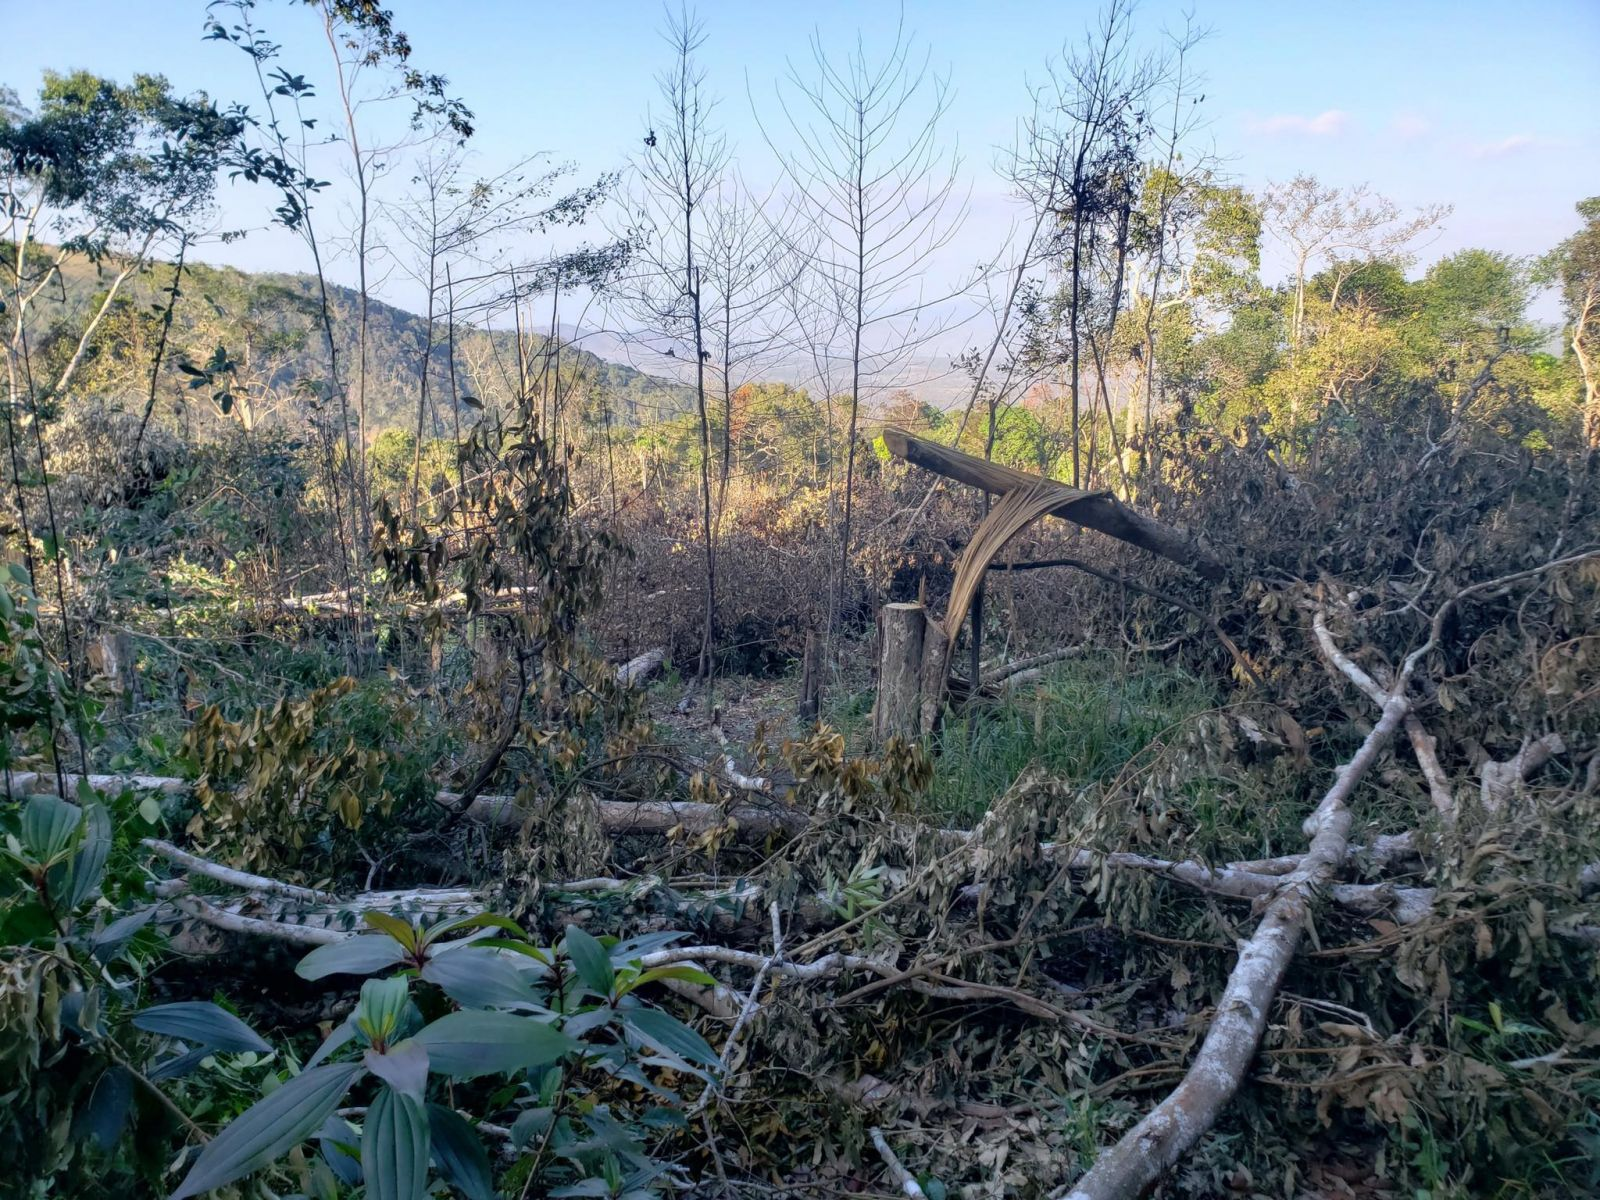 22.000 ha rừng tại Đắk Lắk bị phá hoại không thương tiếc (ảnh: Hải Đỗ/ Dân trí)